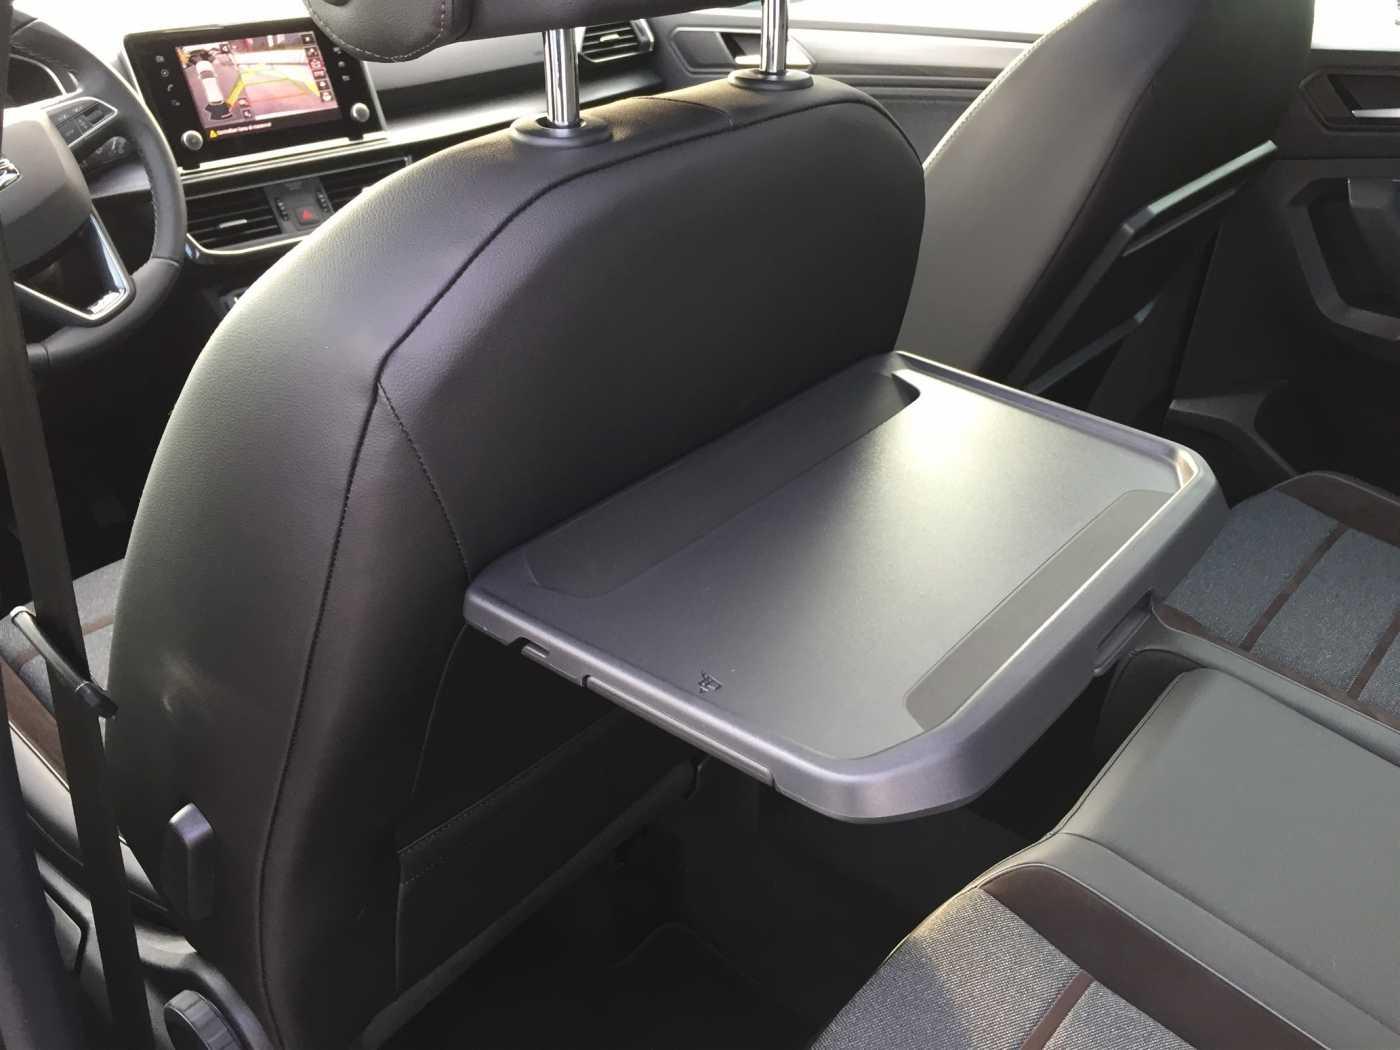 SEAT Tarraco 2.0 TDI XCELLENCE 7 POSTI